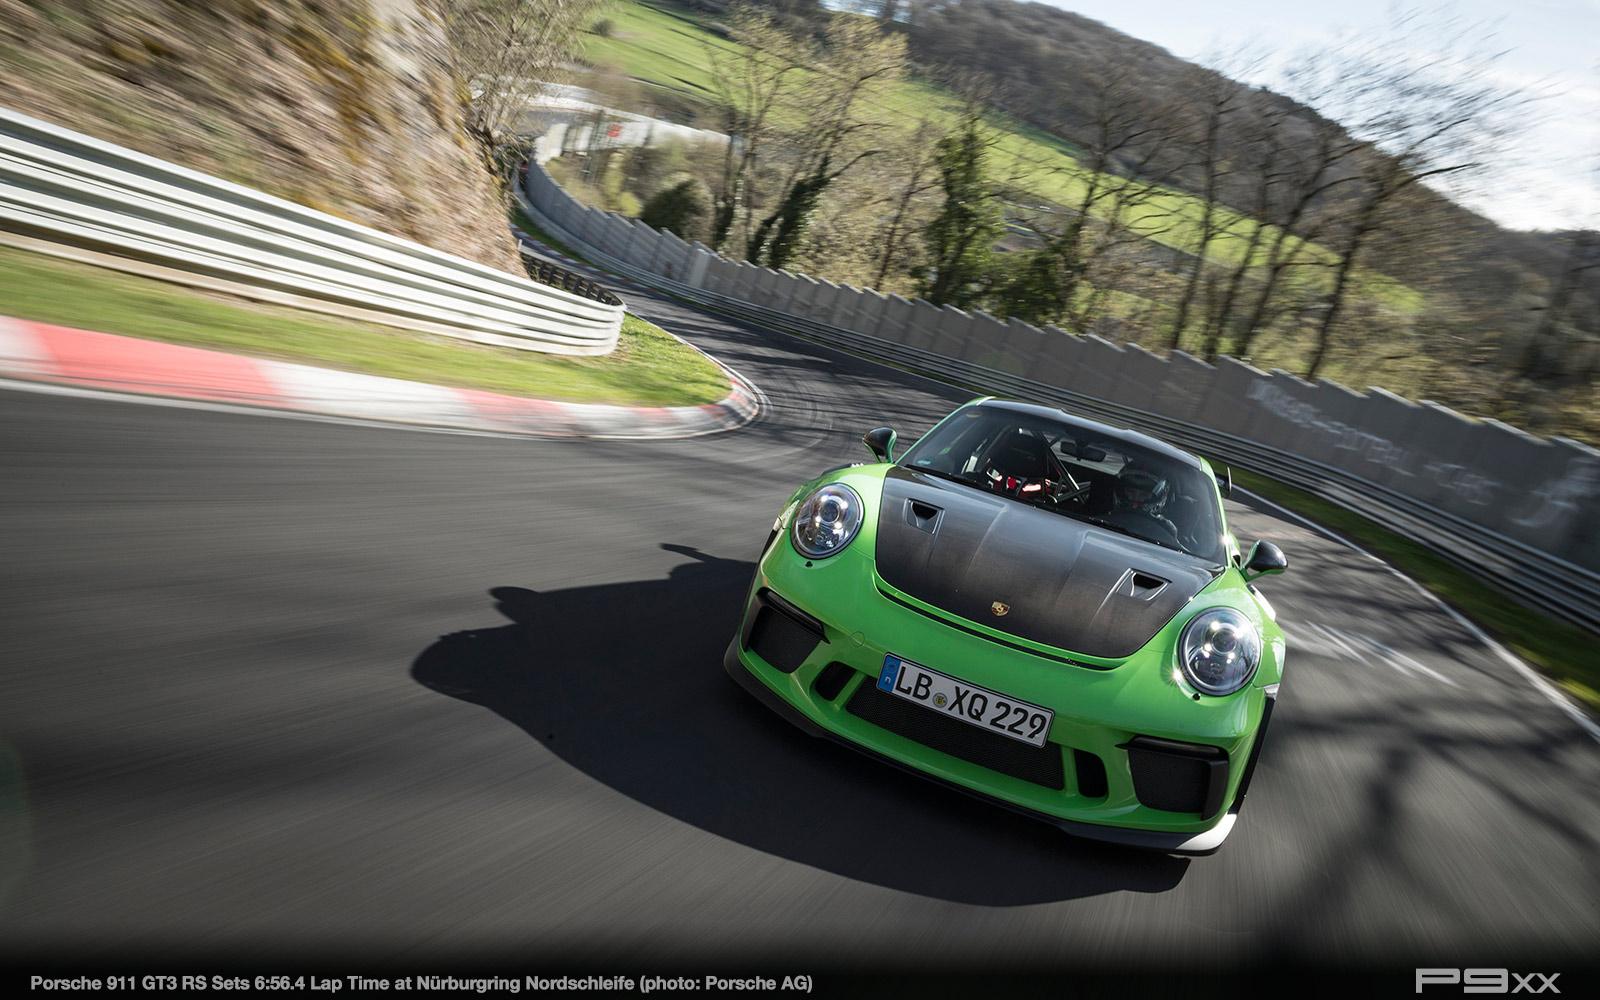 Porsche-911-9912-GT3-RS-Sets-Nurburgring-Lap-Time-285